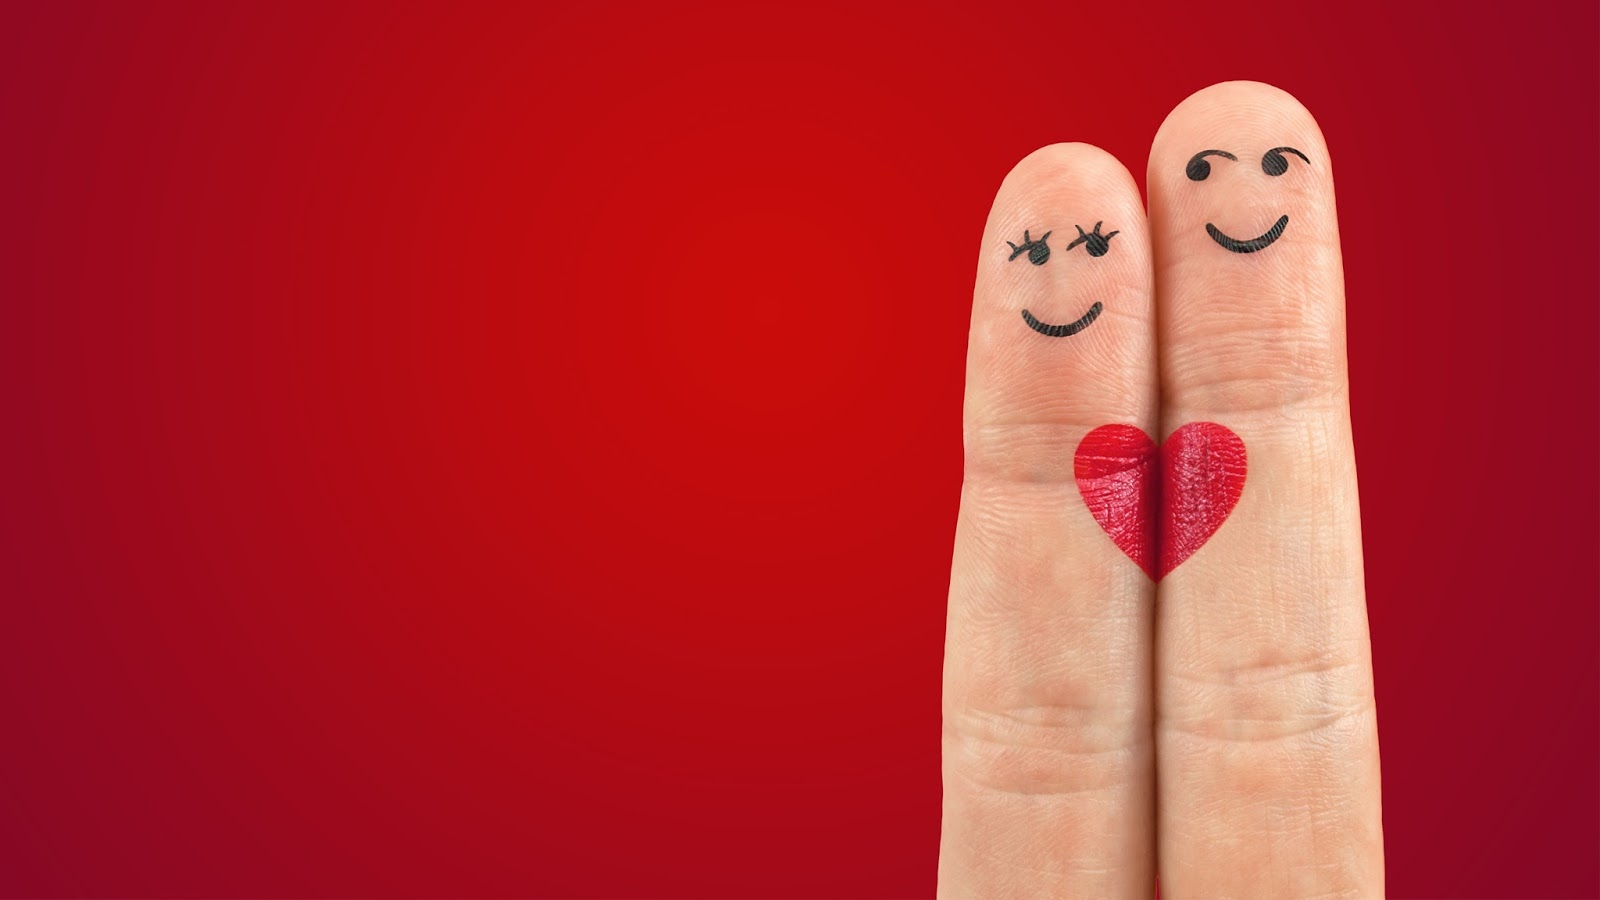 بالصور رسائل رومانسية , الرومانسيه ومسجات تحرك المشاعر 6700 1